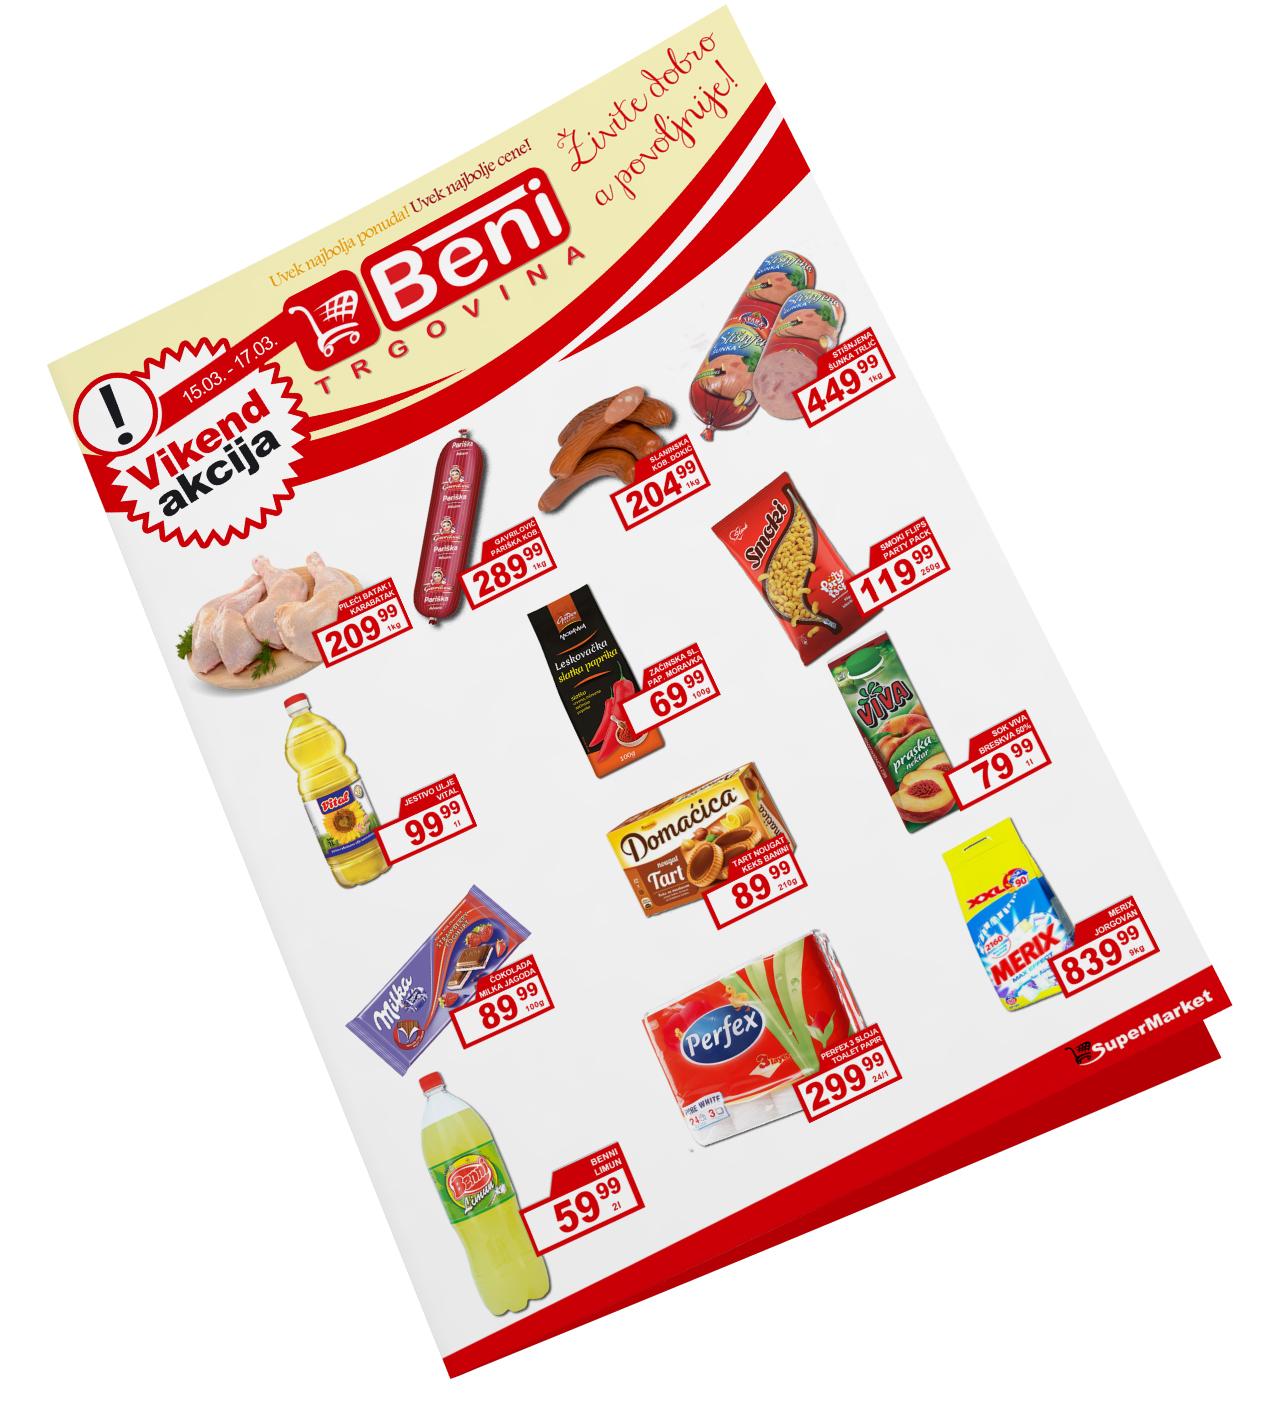 Vikend-akcija-Mart3-katalog